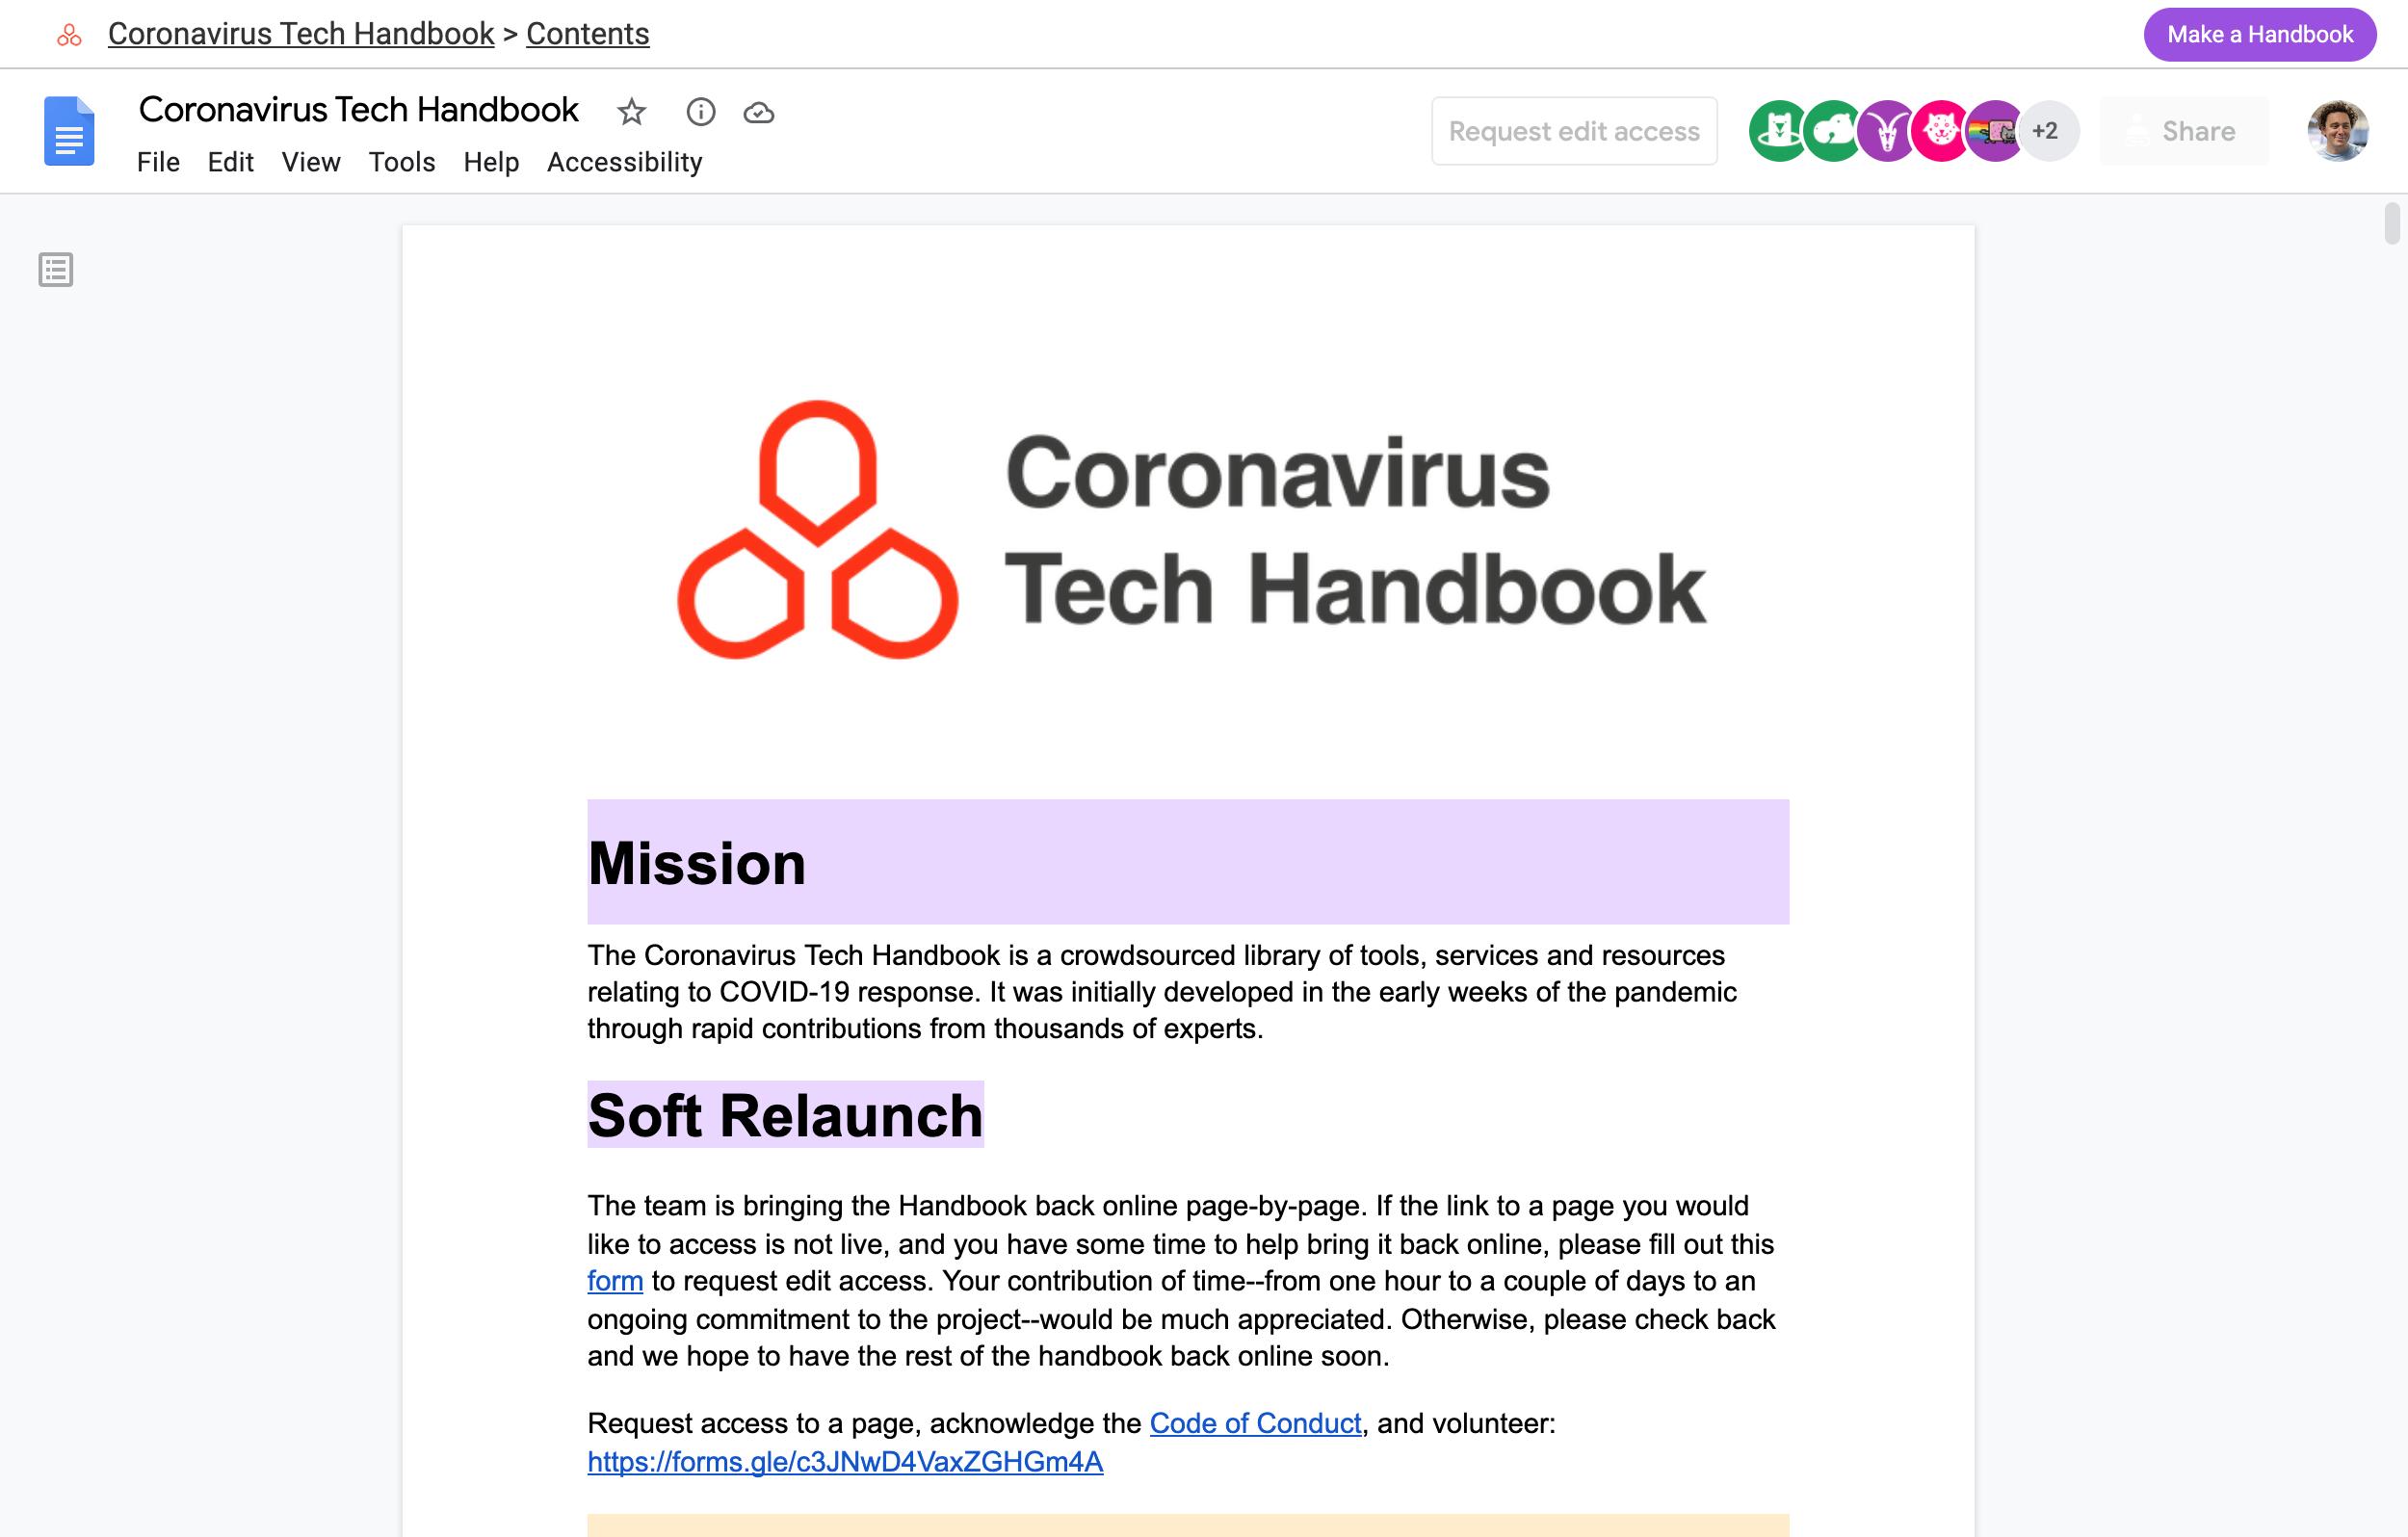 The Coronavirus Tech Handbook